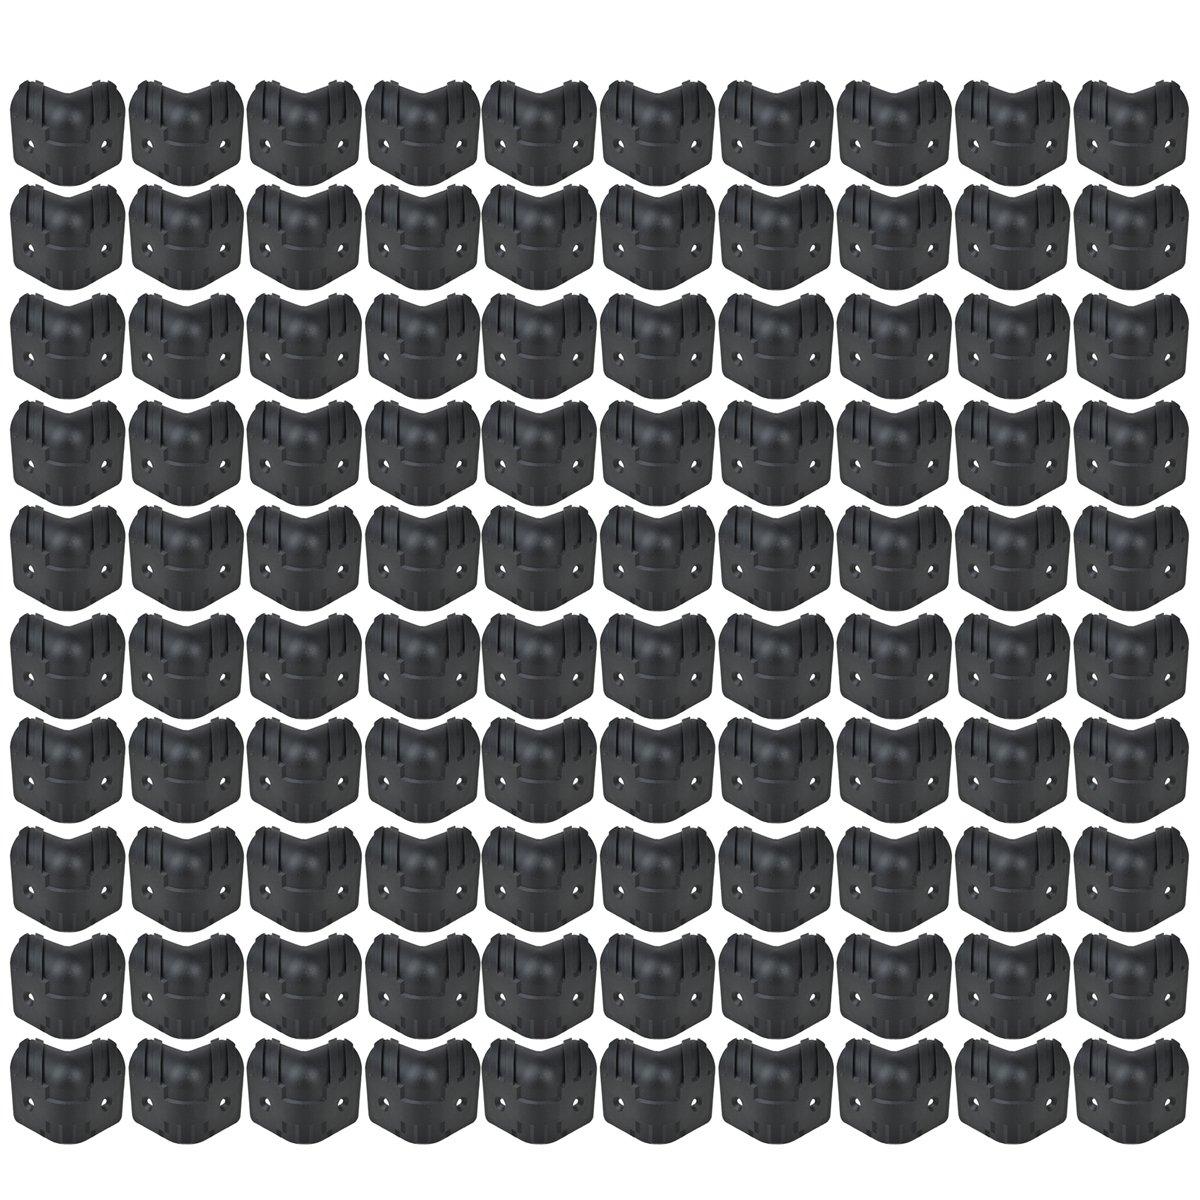 Kmise Black Hard Plastic Guitar Amp Cabinets Amplifier Speaker Cabinet Corner Protectors L Pack of 100